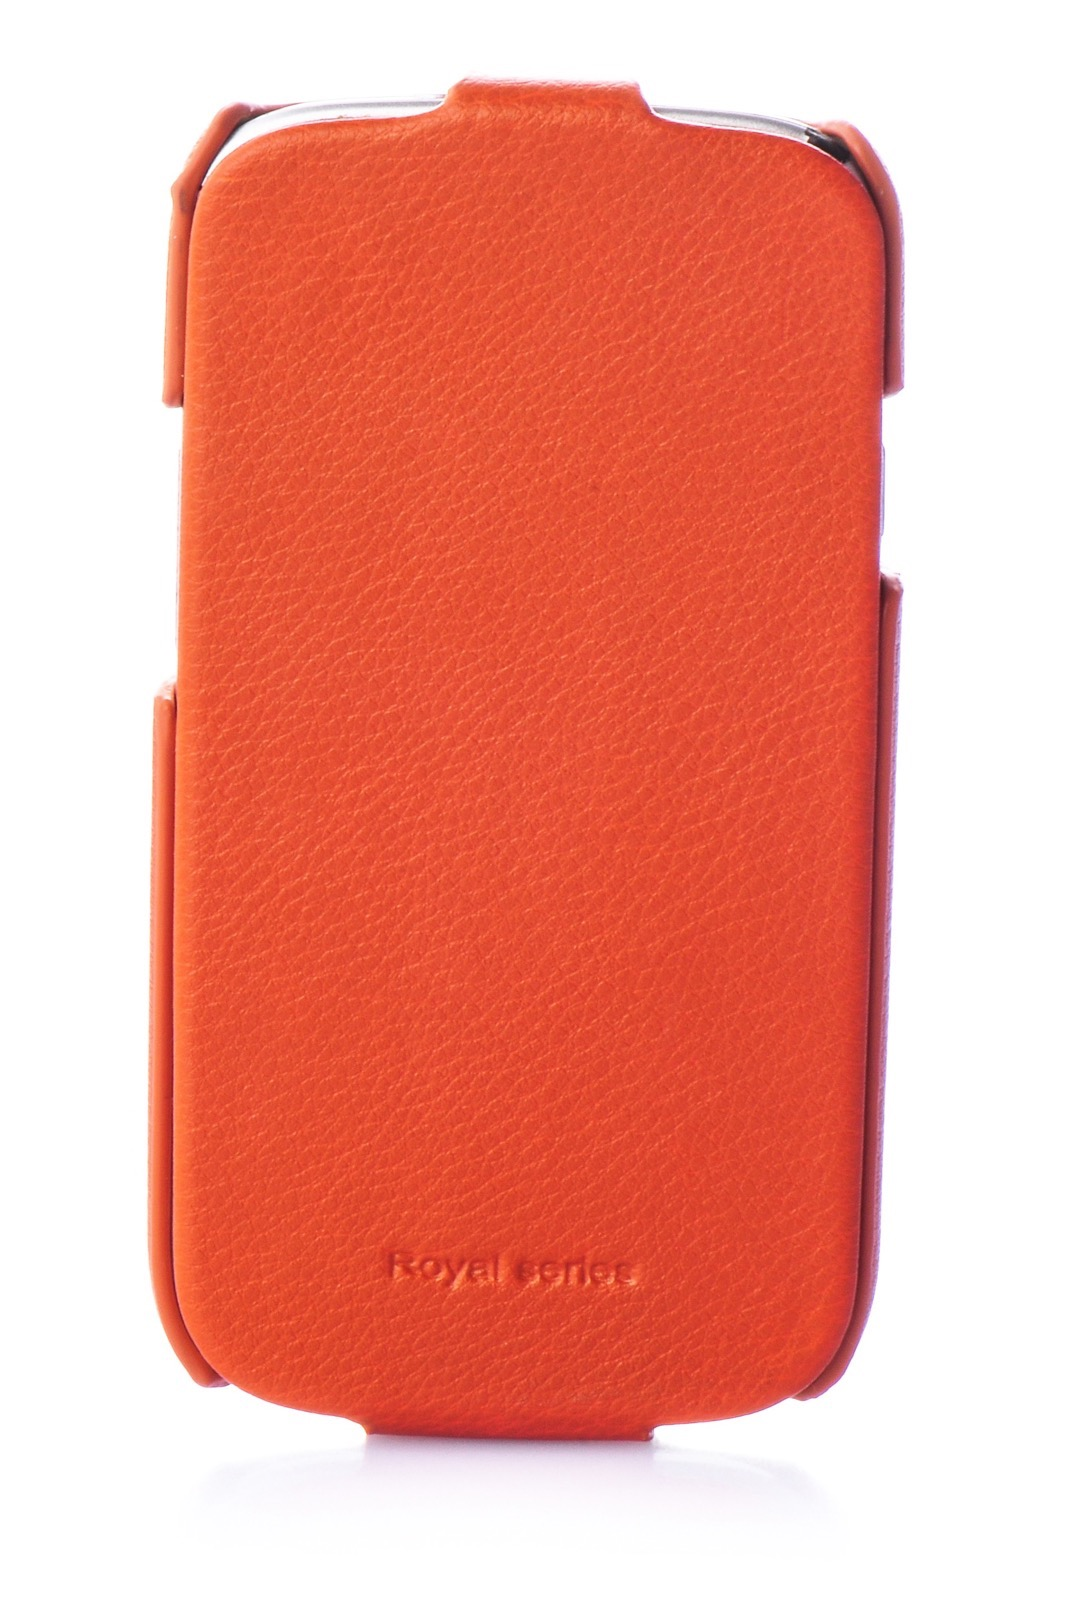 Чехол для сотового телефона Hoco Чехол книжка экокожа 380172 для Samsung S3, оранжевый